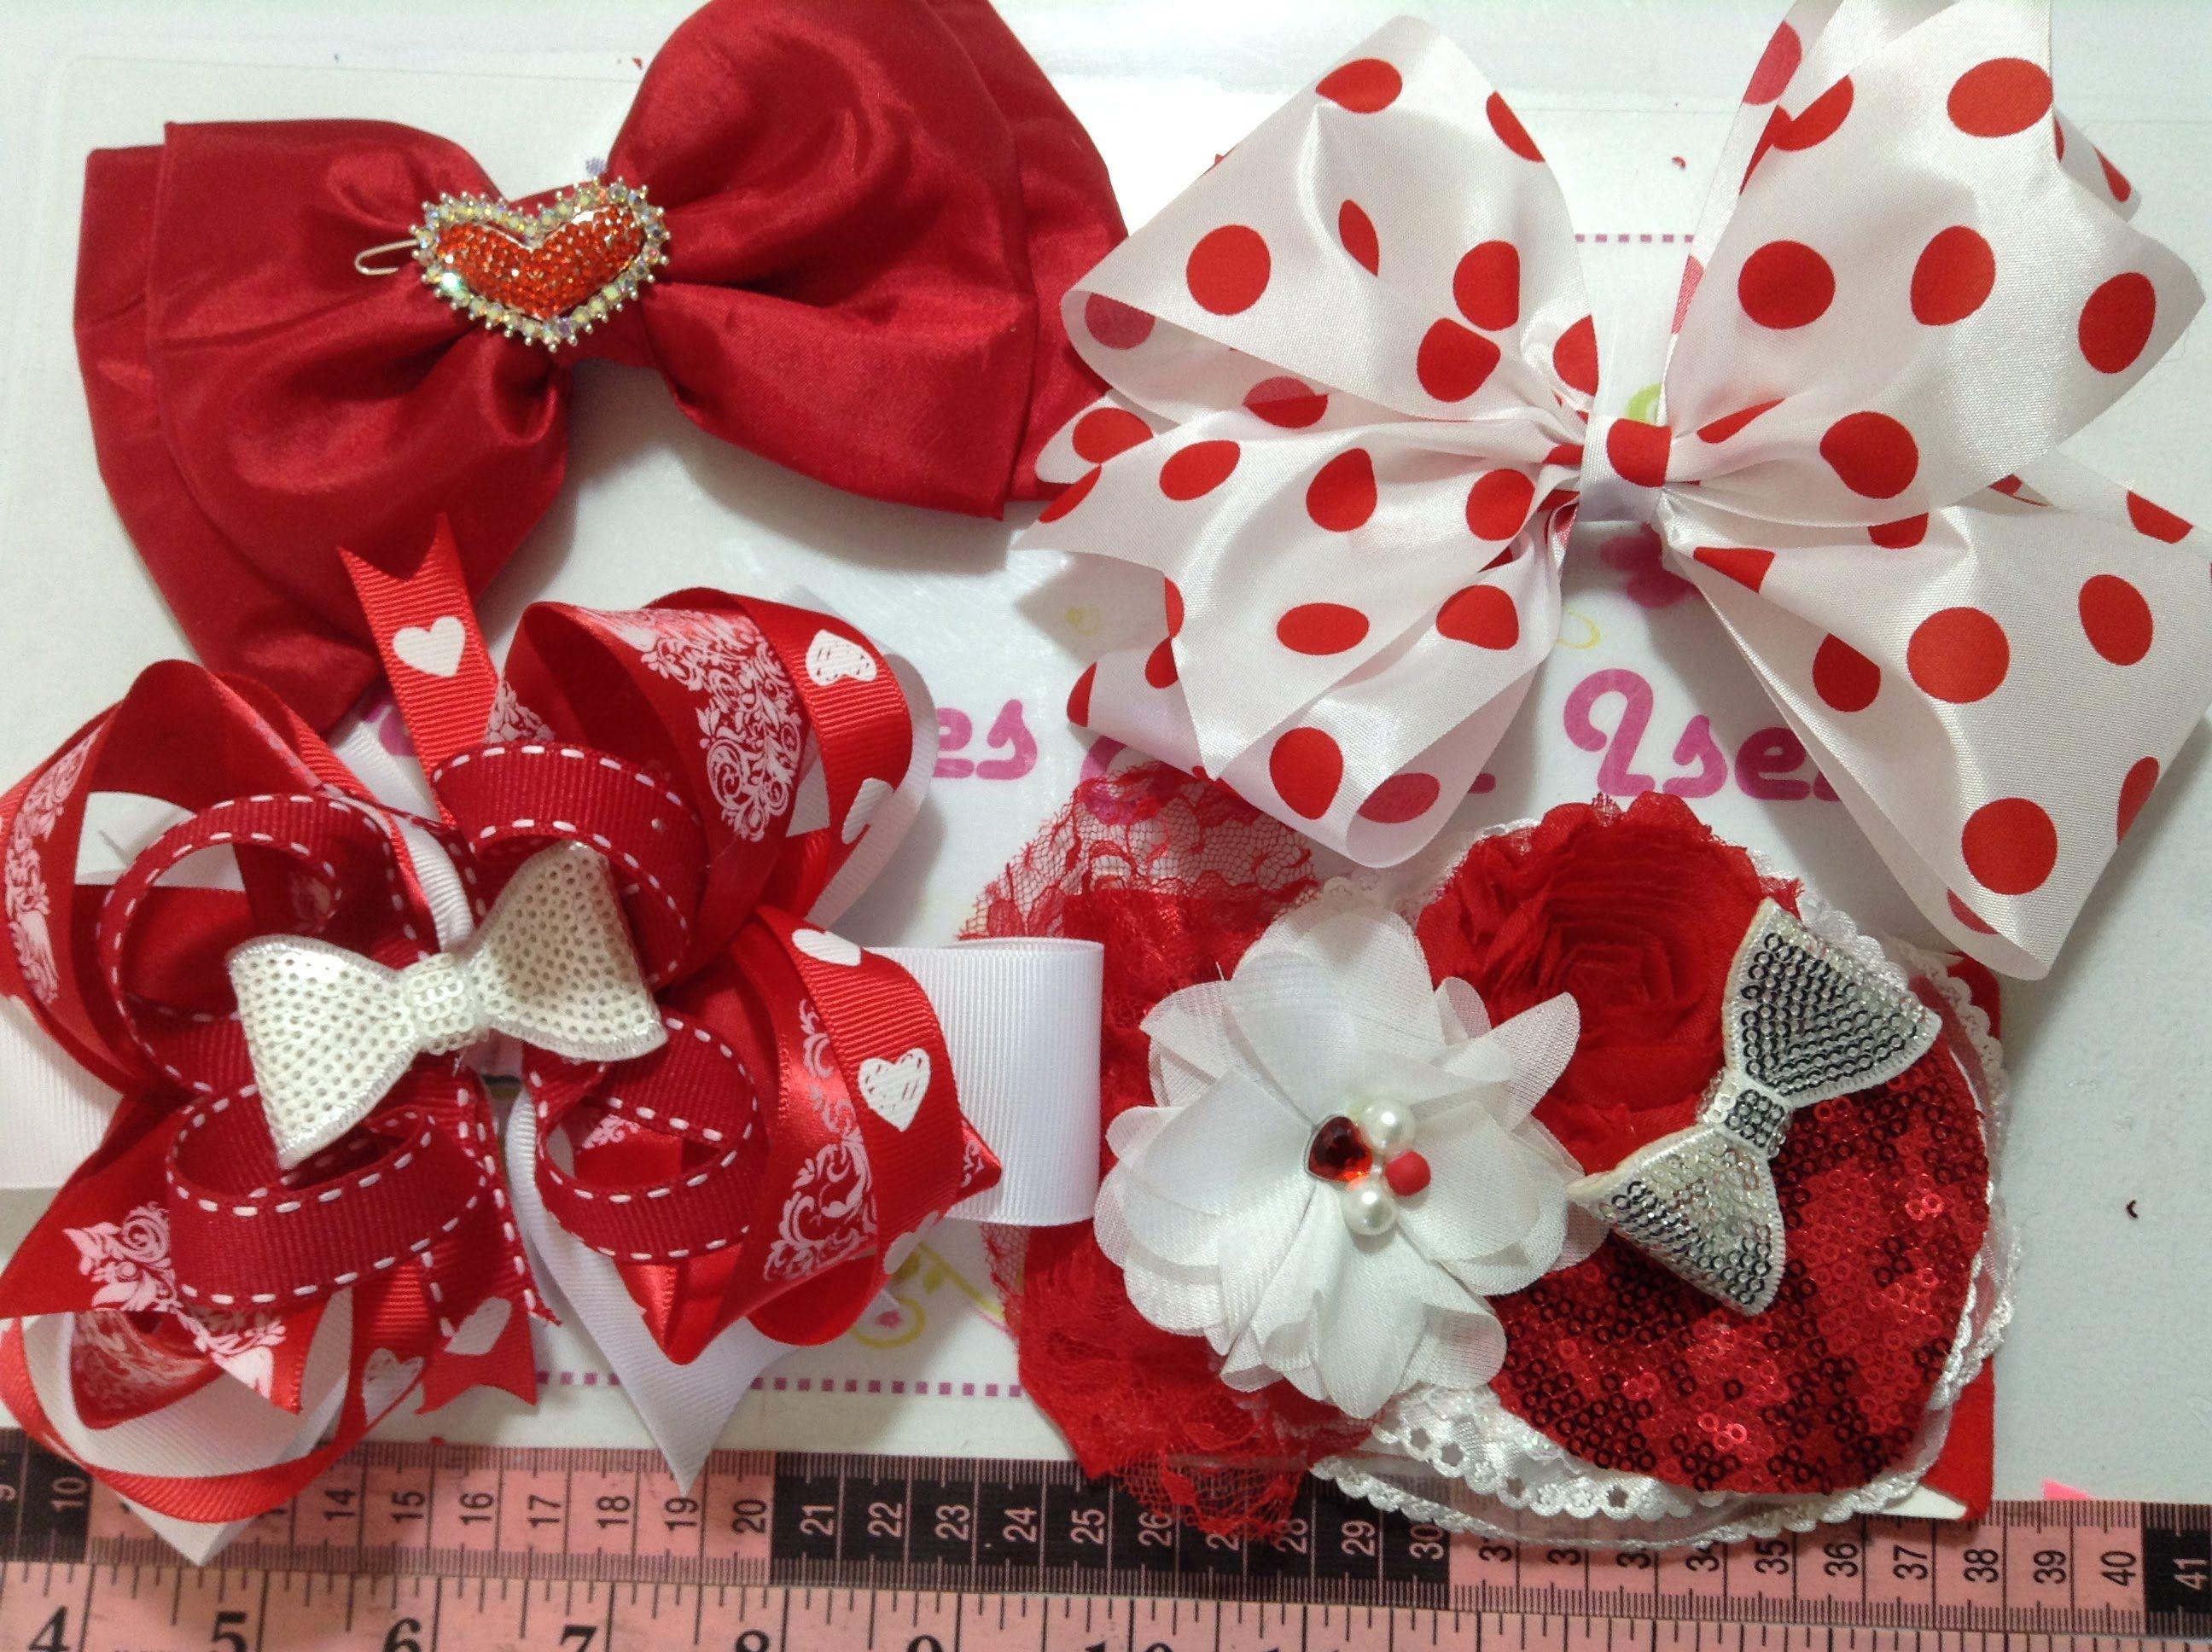 Moños Para El Cabello De San Valentin Hacer Arcos De Pelo Moños Para El Cabello De Boutique Como Hacer Moños